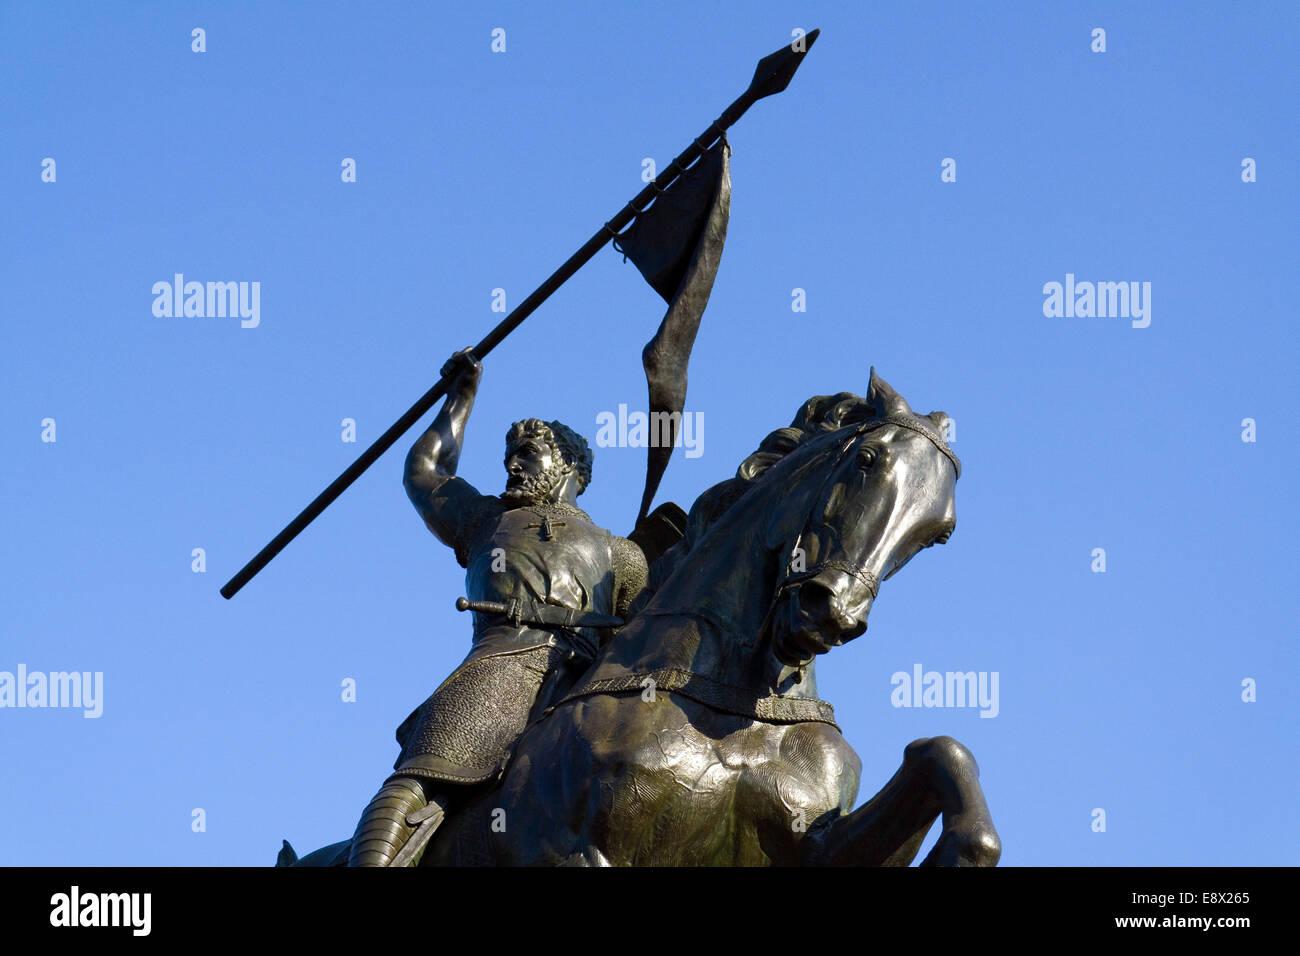 Statue of Rodrigo Díaz de Vivar El Cid Campeador sculpted by Anna Hyatt Vaugh Huntington in Seville, Andalusia, Stock Photo